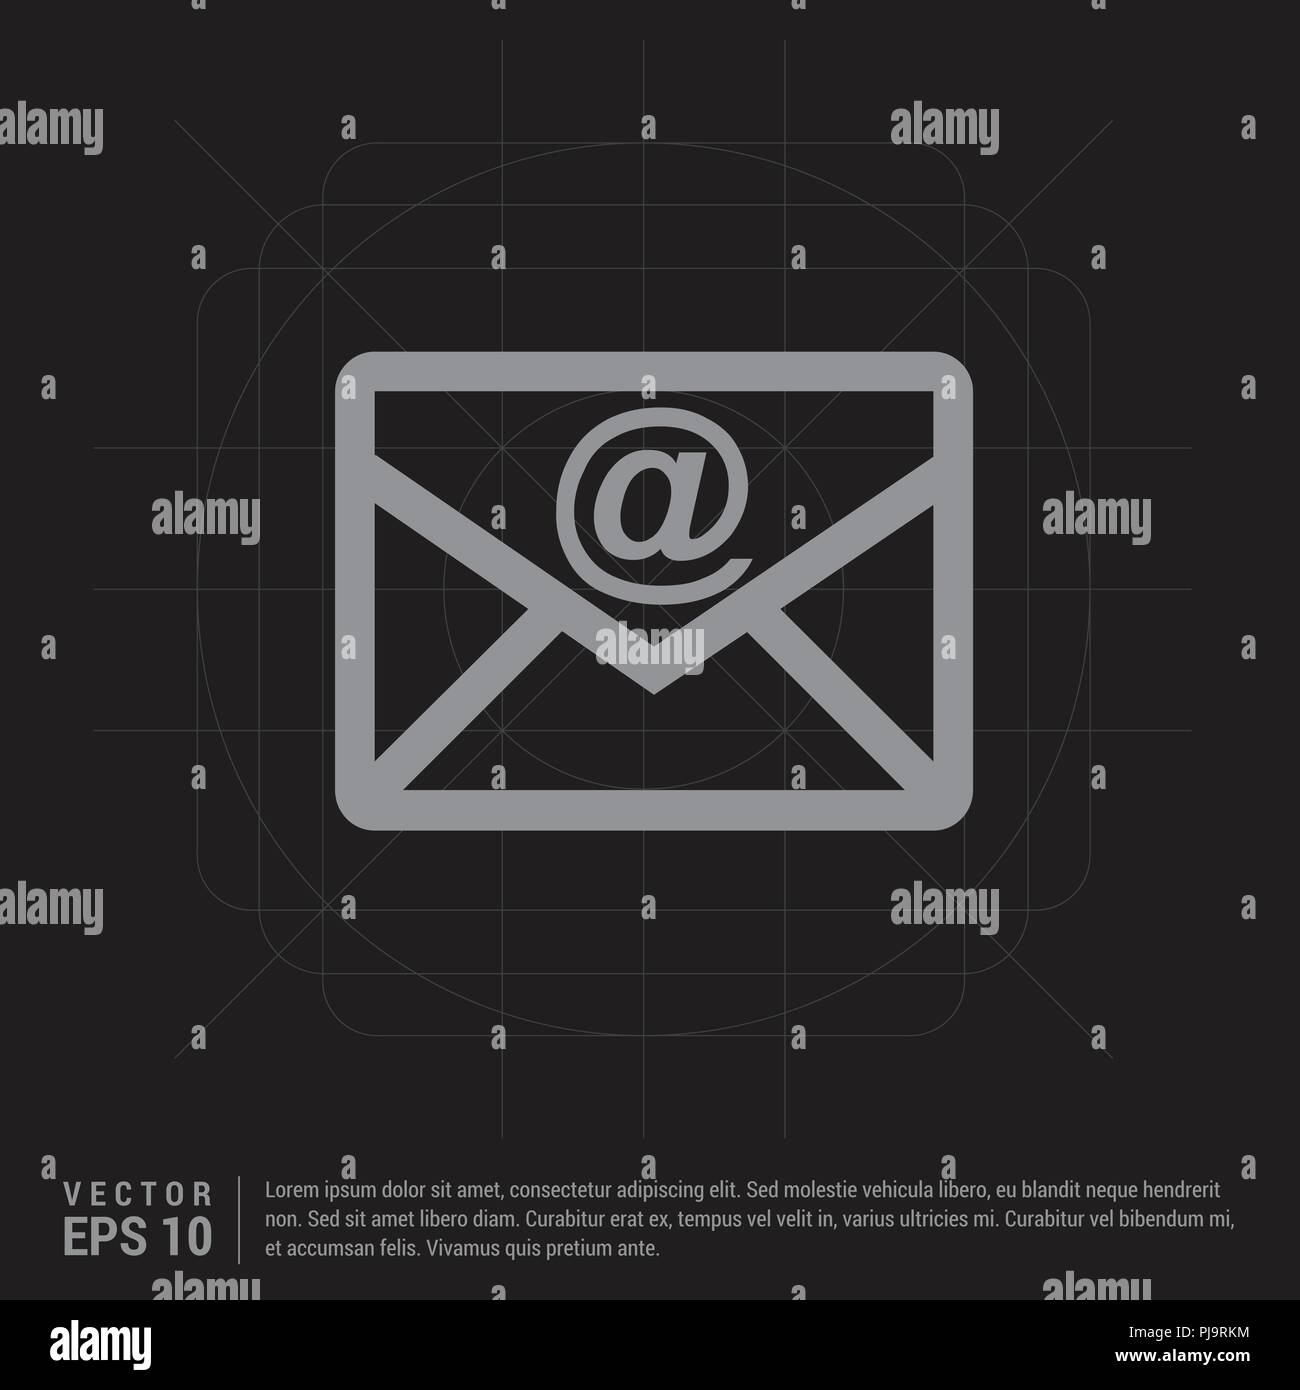 e mail icon black creative background free vector icon stock